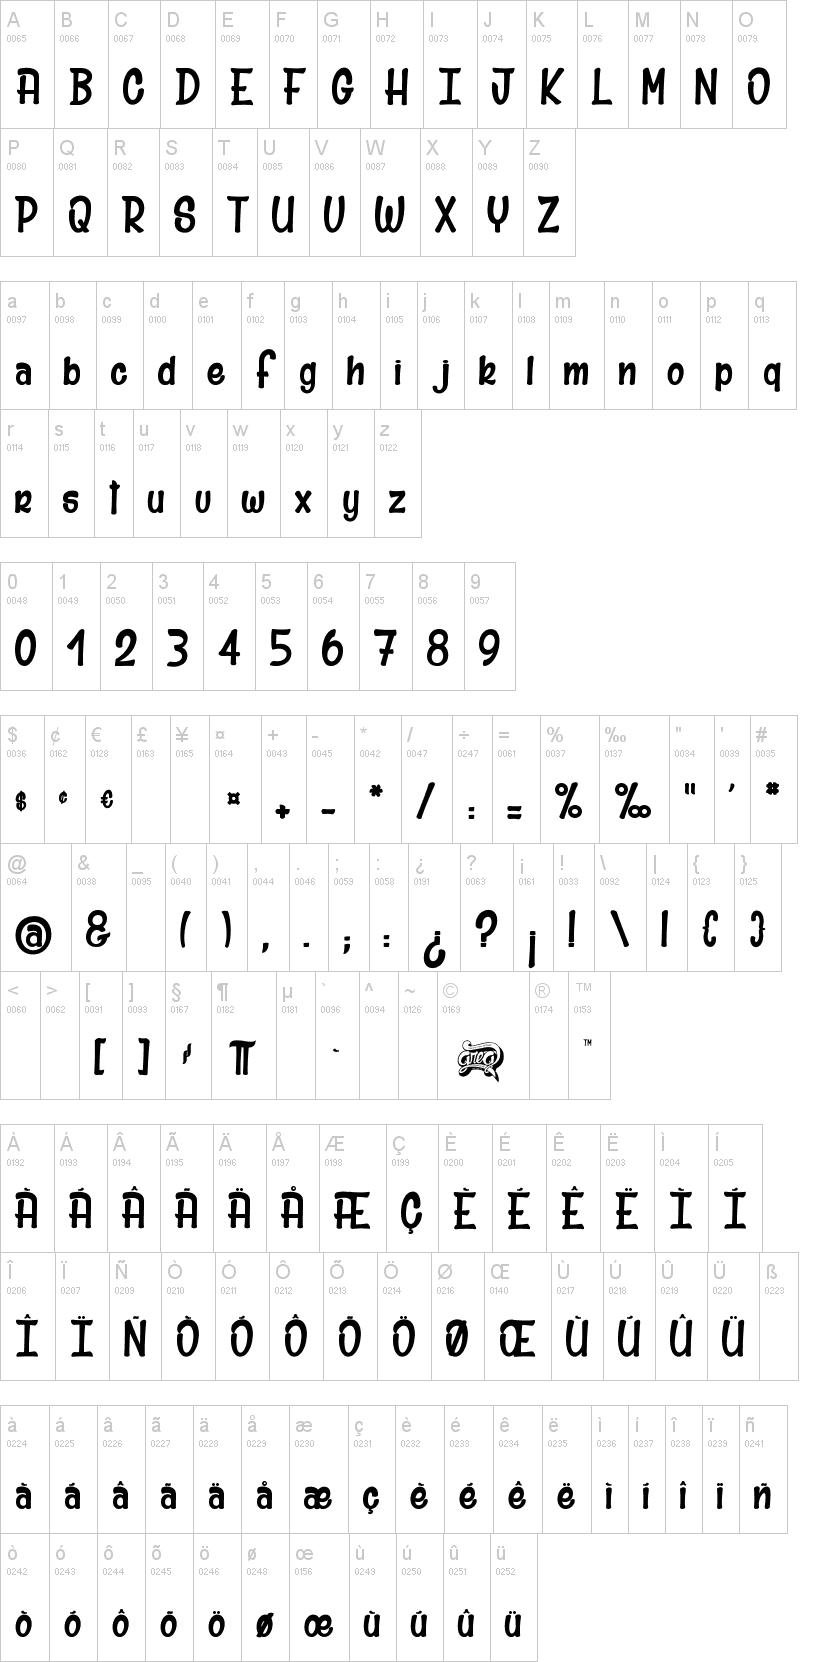 Mr Sunshine Font | dafont com | Labels + Packaging | Shopkins font